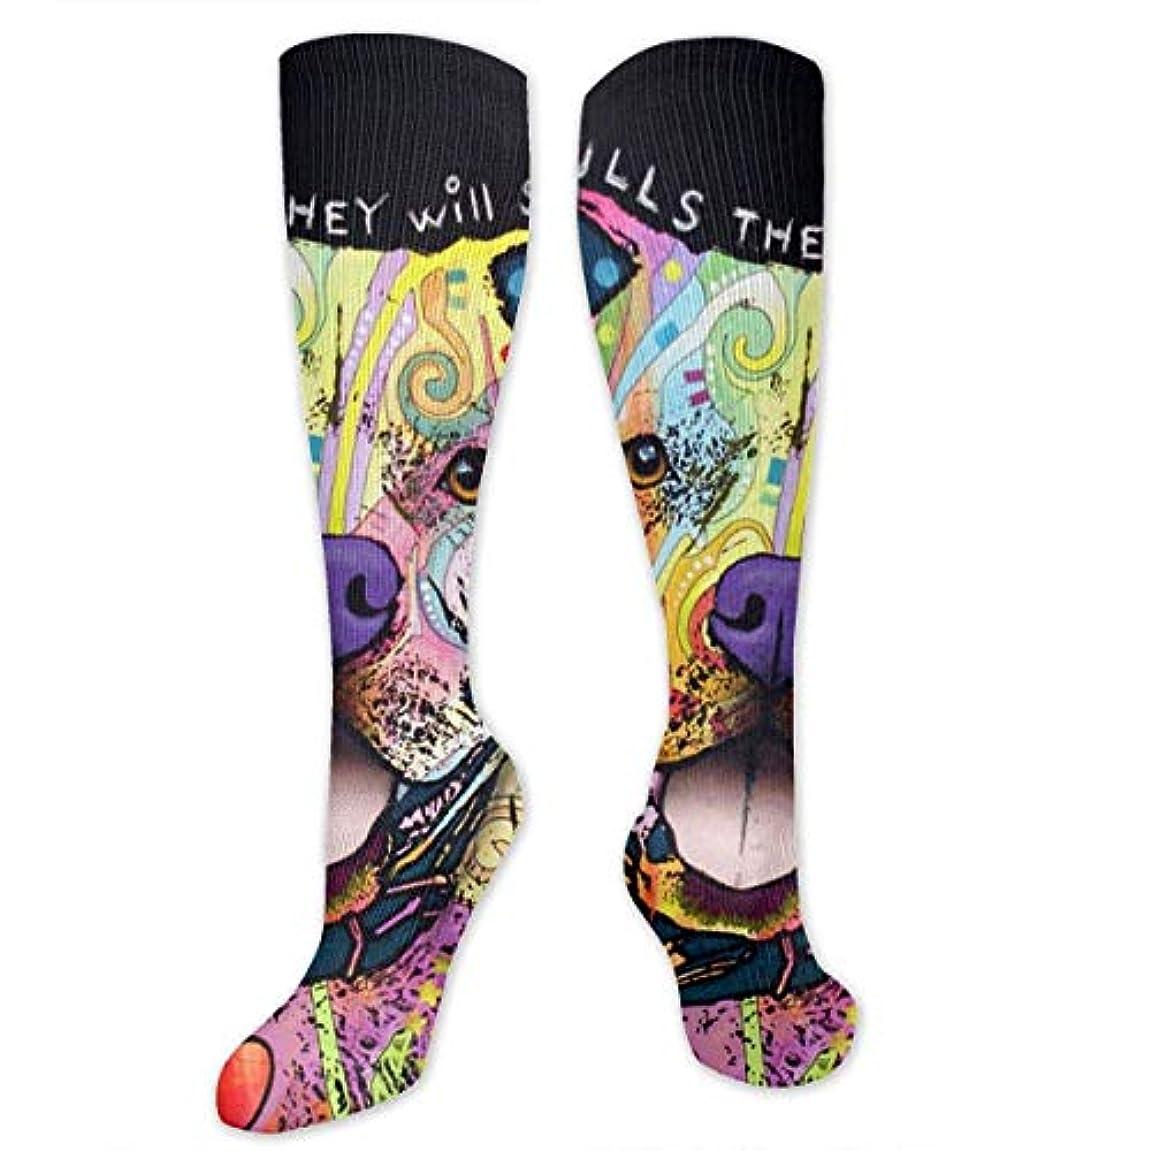 ウォーターフロントけん引式靴下,ストッキング,野生のジョーカー,実際,秋の本質,冬必須,サマーウェア&RBXAA Colorful Pitbull Socks Women's Winter Cotton Long Tube Socks Knee...